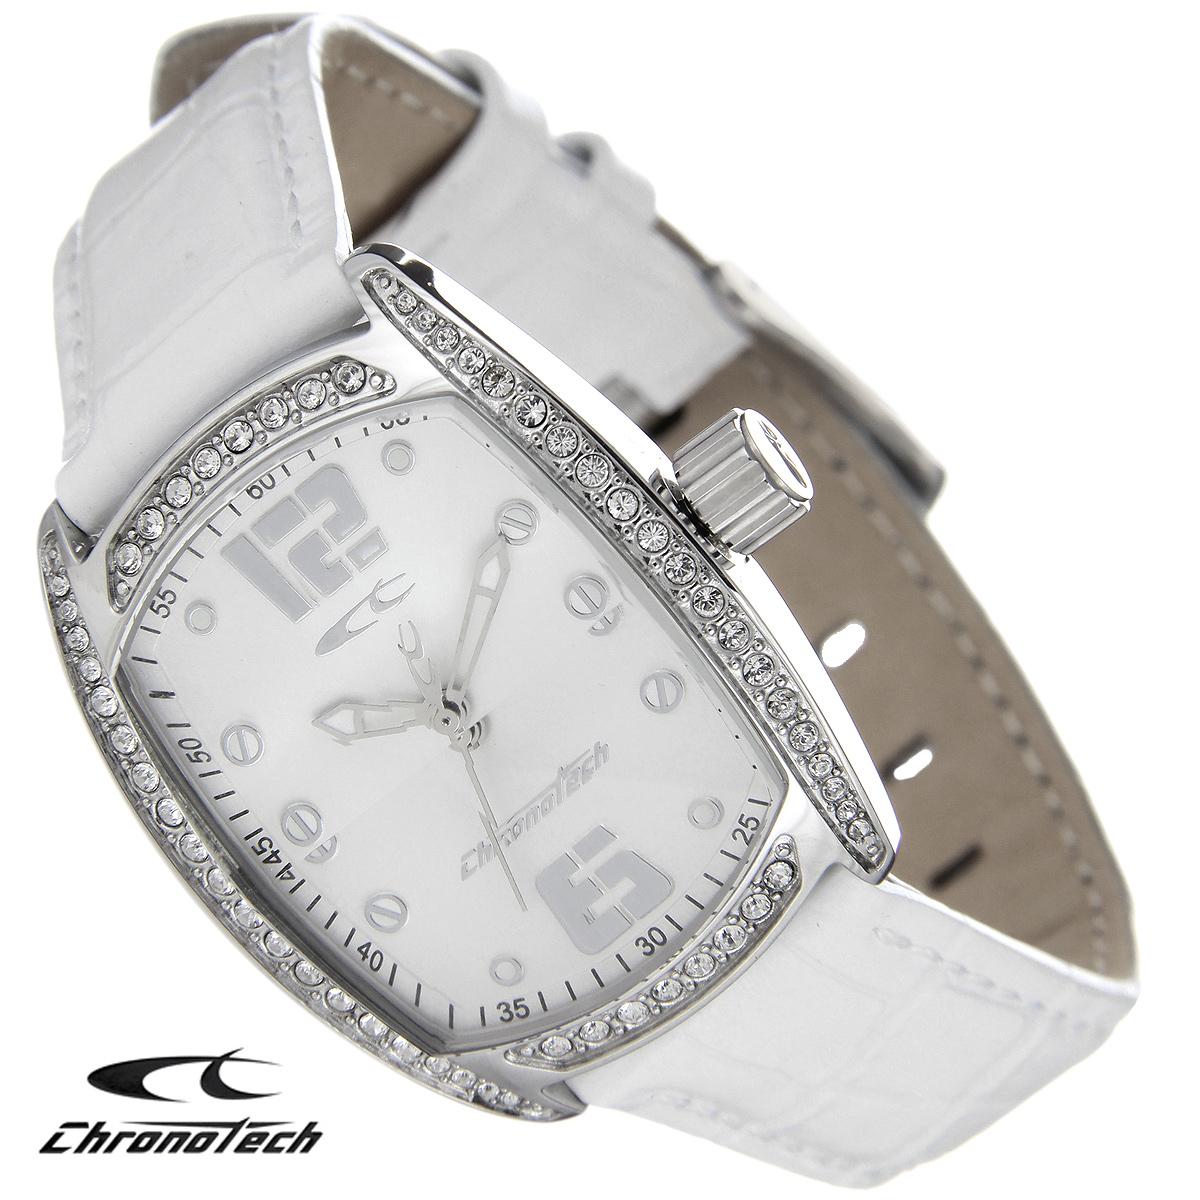 Часы женские наручные Chronotech, цвет: серебристый, белый. RW0002RW0002Часы Chronotech - это часы для современных и стильных людей, которые стремятся выделиться из толпы и подчеркнуть свою индивидуальность. Корпус часов выполнен из нержавеющей стали и по контуру циферблата оформлен стразами. Циферблат оформлен отметками и защищен минеральным стеклом. Часы имеют три стрелки - часовую, минутную и секундную. Стрелки светятся в темноте. Ремешок часов выполнен из натуральной кожи и застегивается на классическую застежку. Часы упакованы в фирменную коробку с логотипом компании Chronotech. Такой аксессуар добавит вашему образу стиля и подчеркнет безупречный вкус своего владельца. Характеристики: Размер циферблата: 2,5 см х 3 см. Размер корпуса: 3 см х 3,8 см х 0,9 см. Длина ремешка (с корпусом): 23 см. Ширина ремешка: 1,6 см.